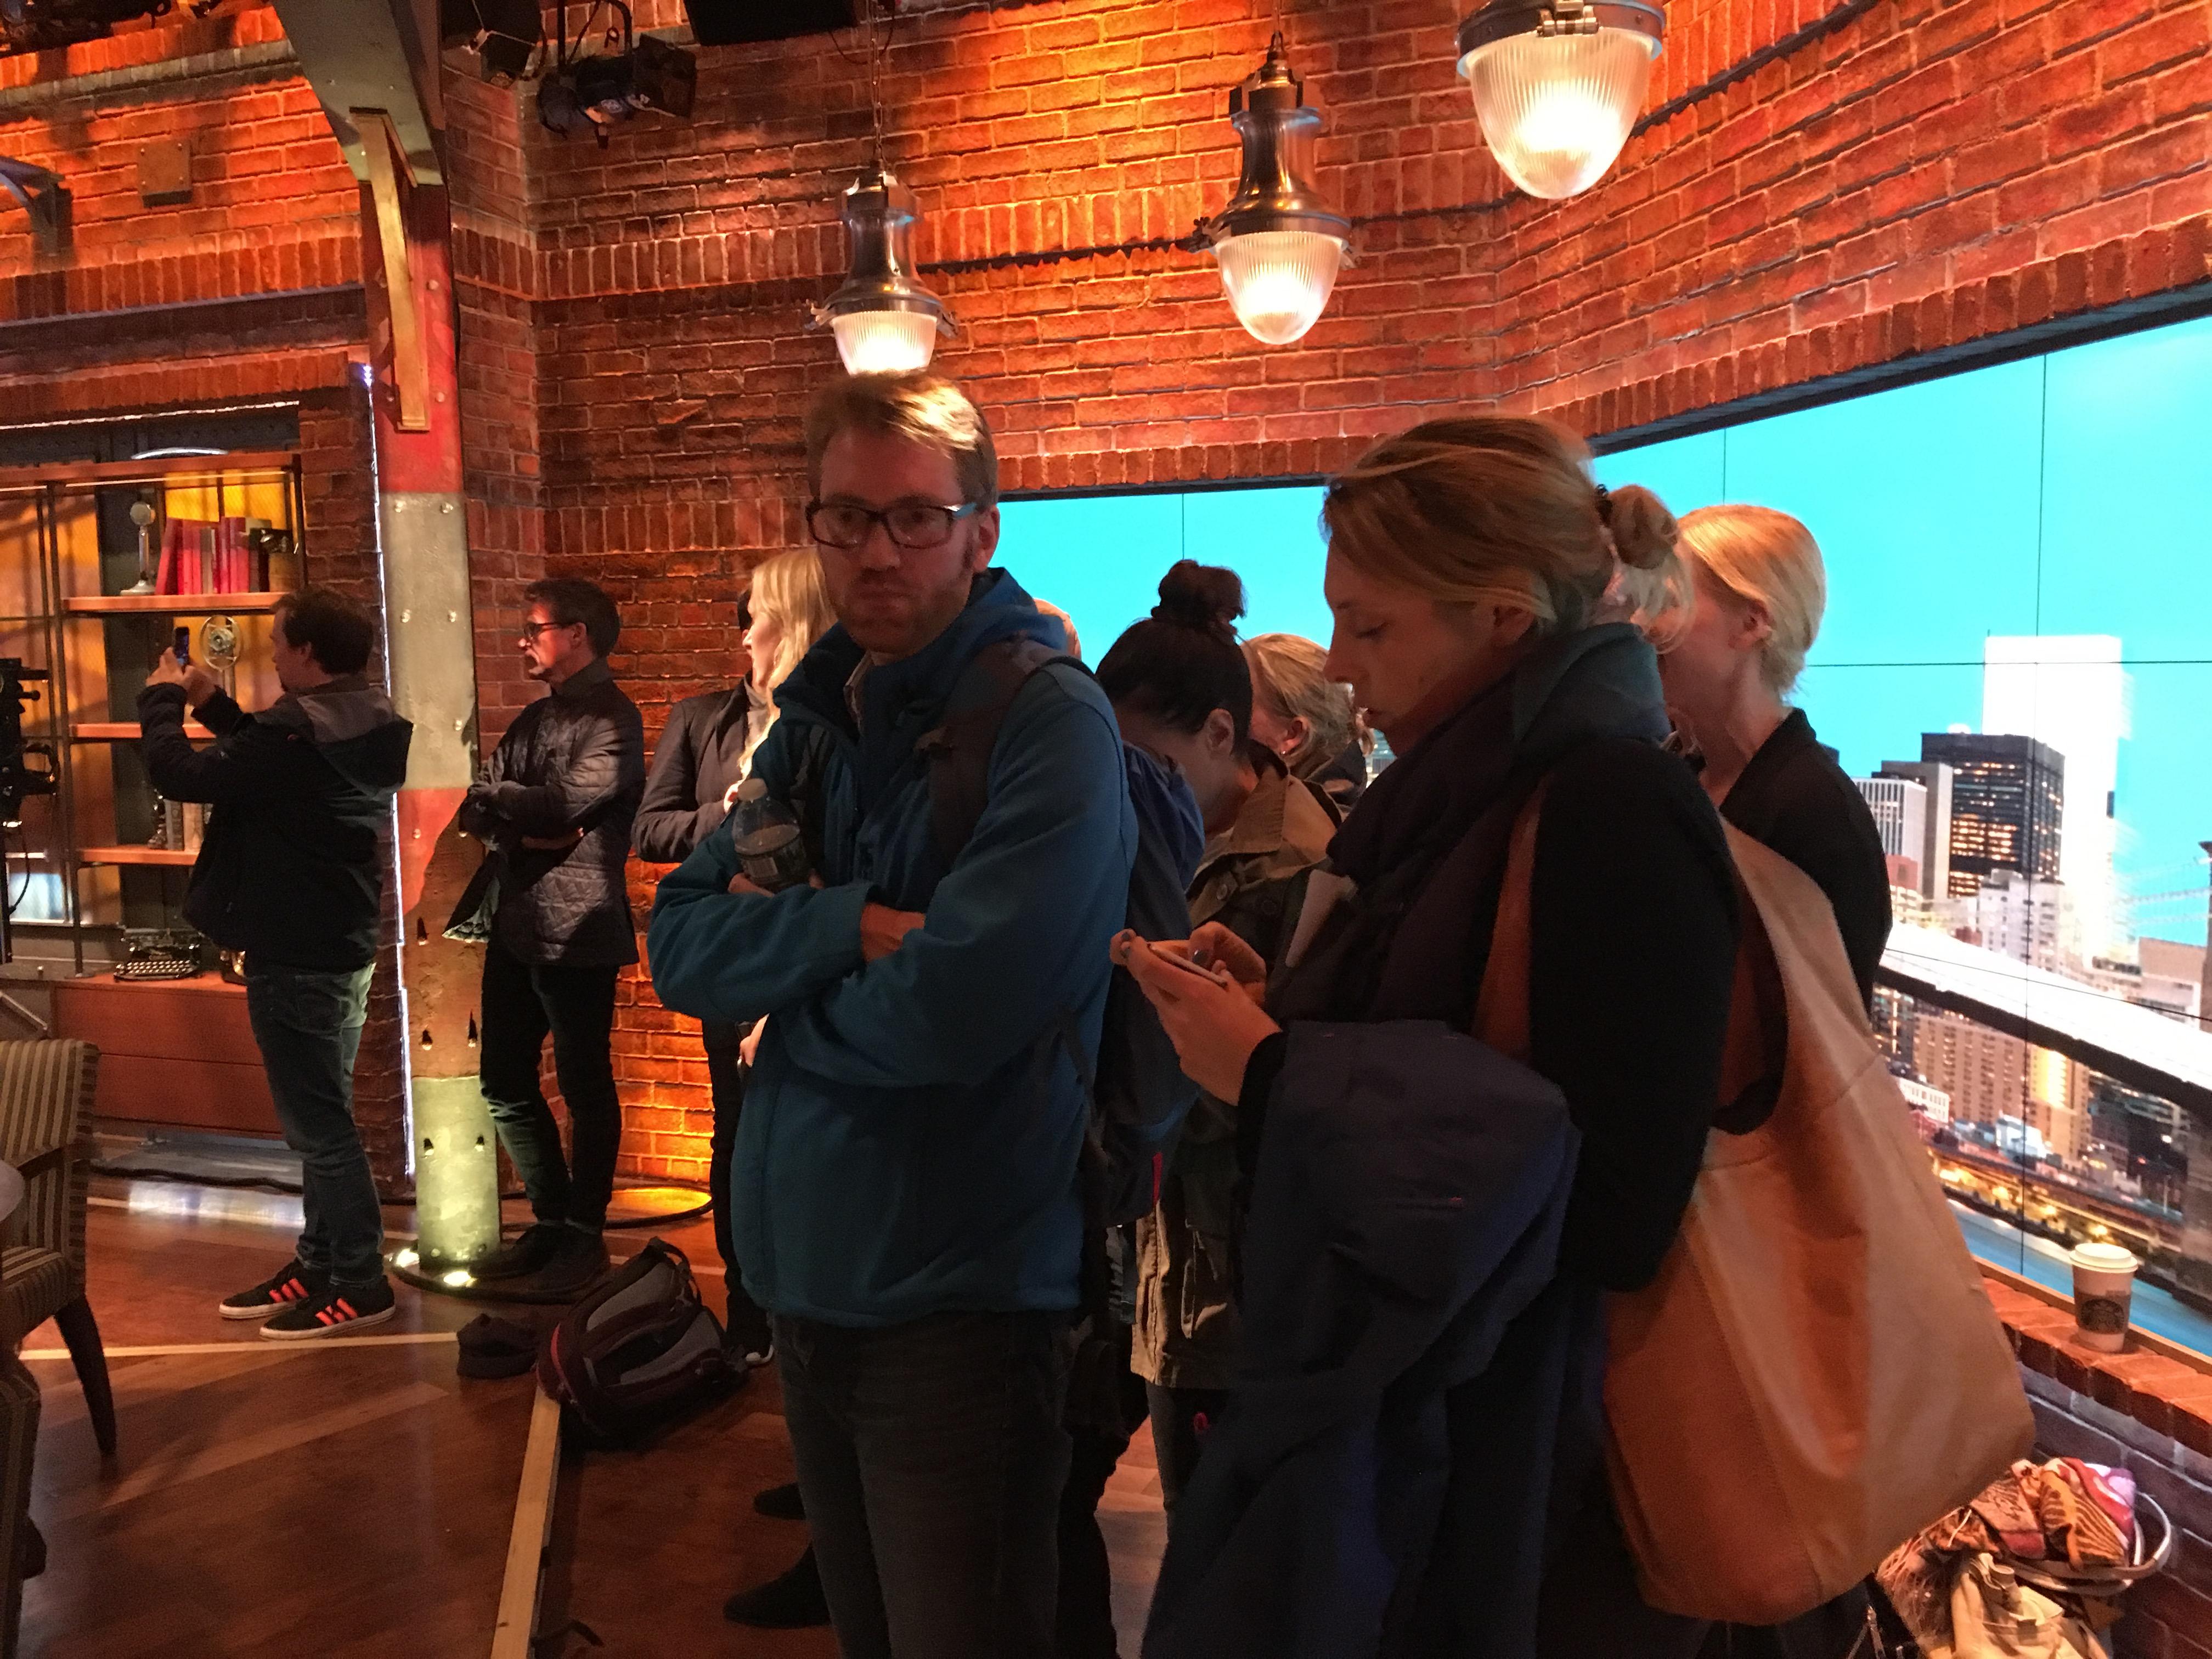 anjaunterwegs – Reiseblog über einen Journalistenaustausch in den USA